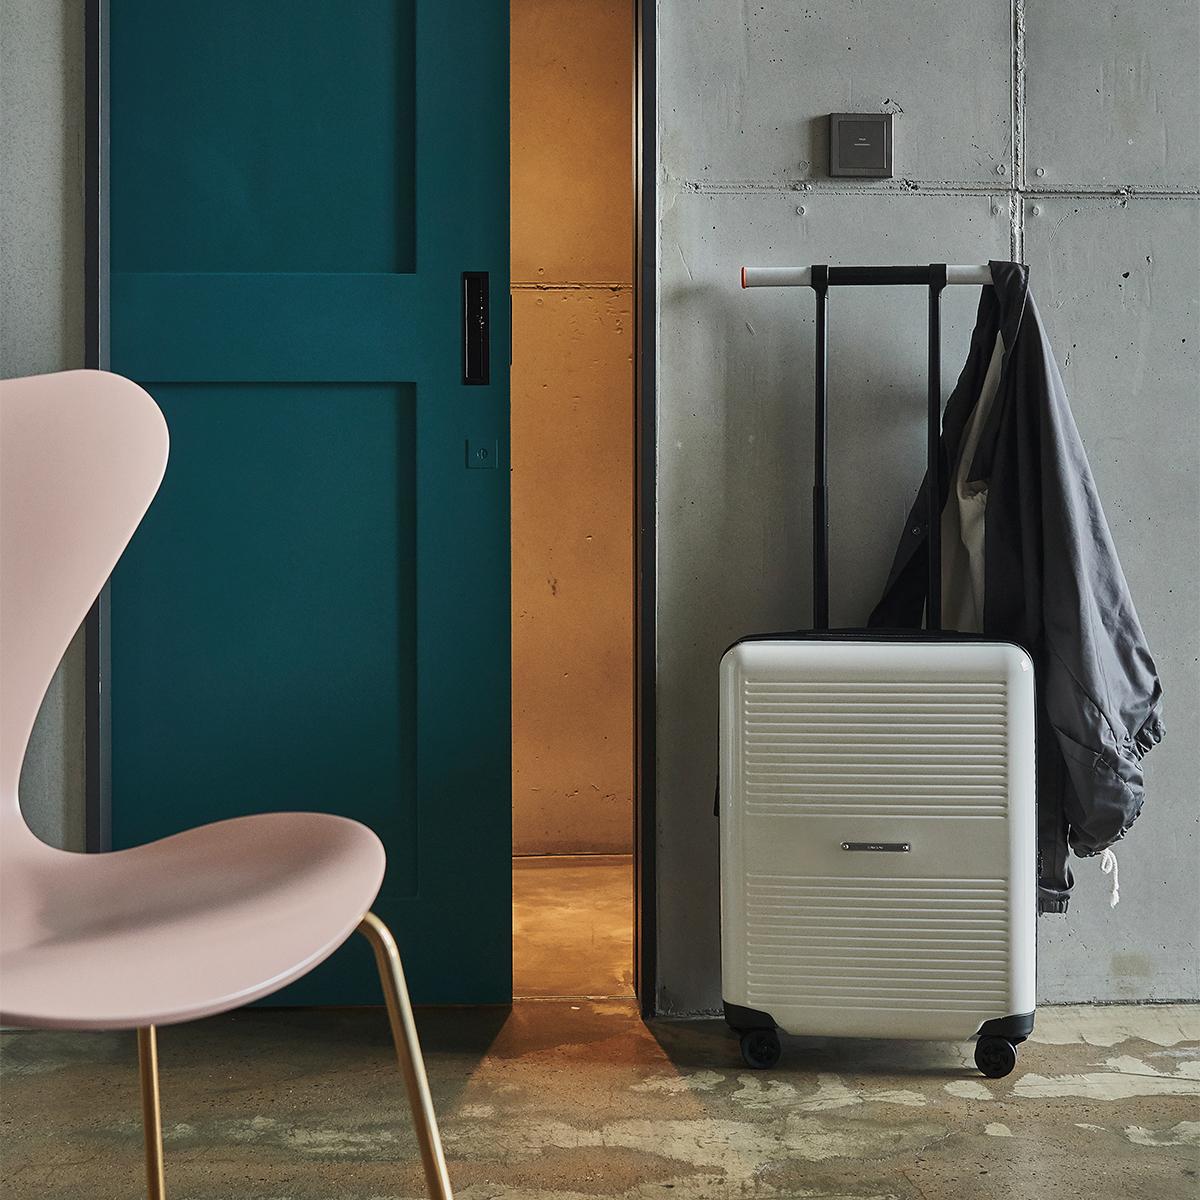 新しいスーツケースで快適な旅、おすすめの選び方|頑丈、軽量は当たり前。決め手は「移動のしやすさ」